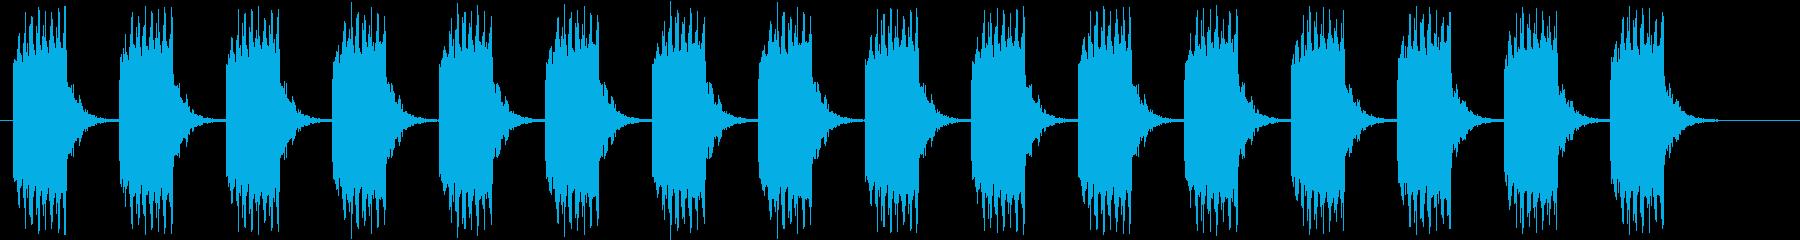 ブザー音ロング_リバーブ付きの再生済みの波形